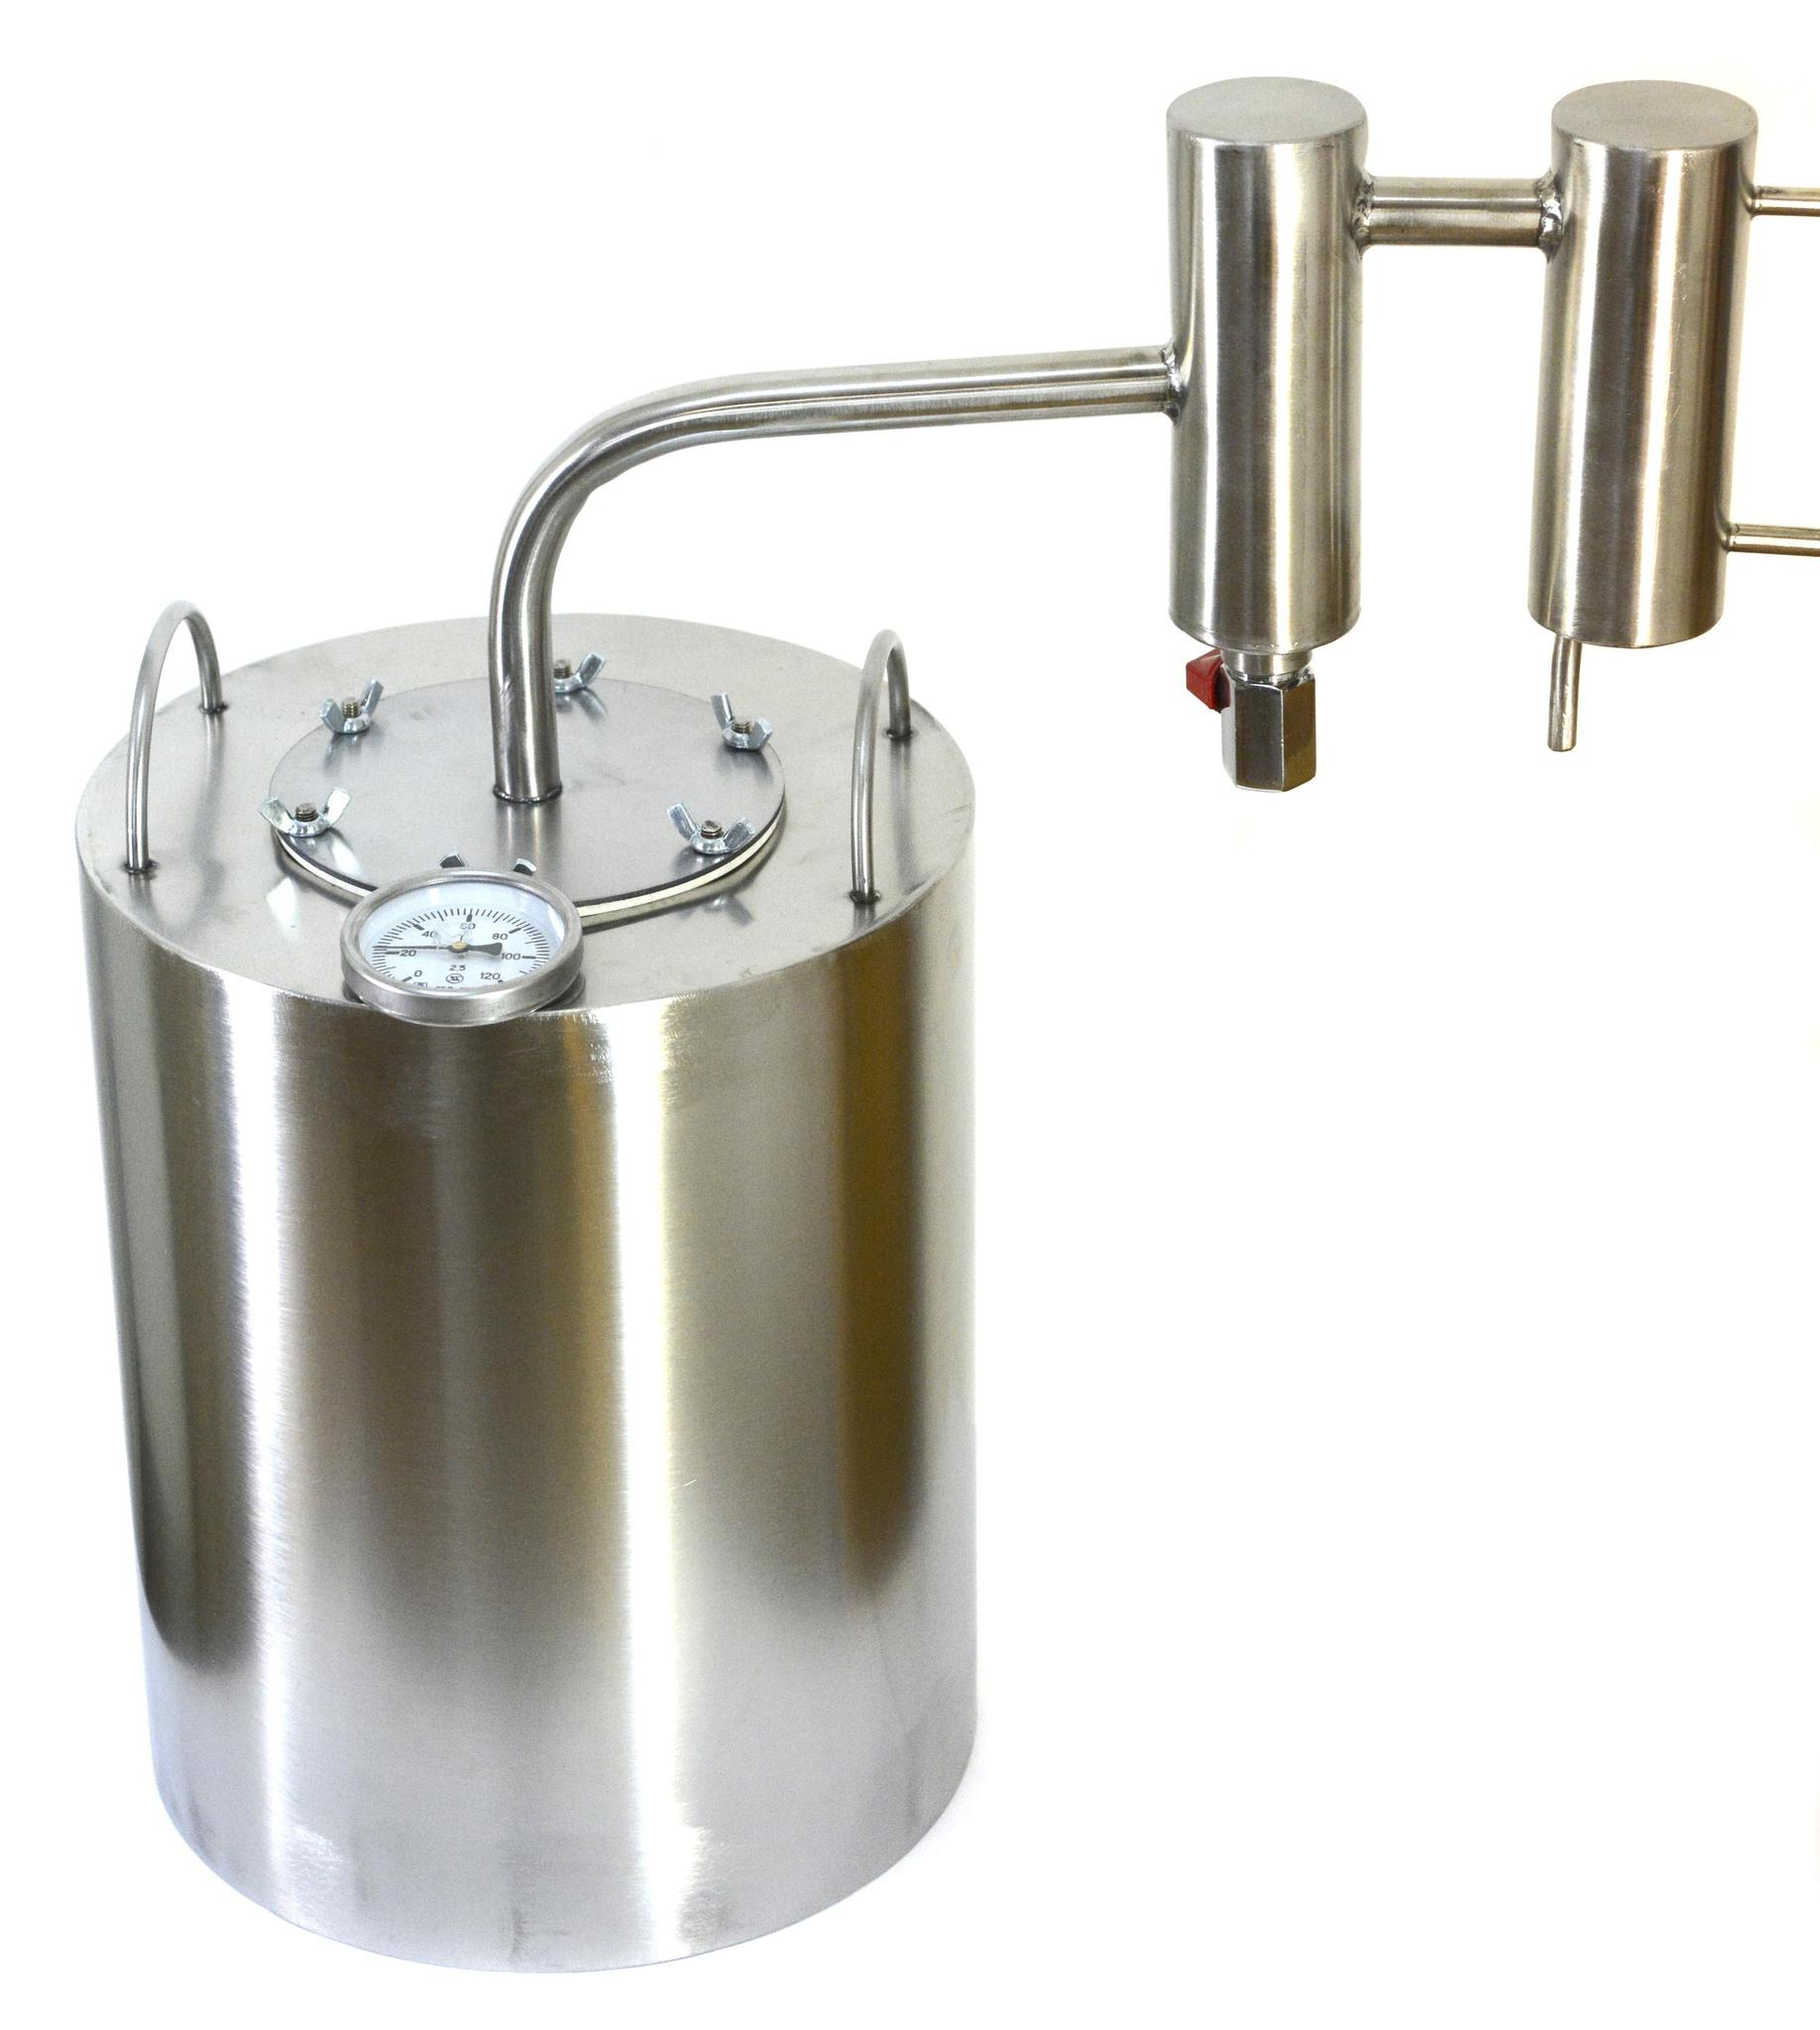 Пластинчатый теплообменник для браги ремонт теплообменников трубчатых